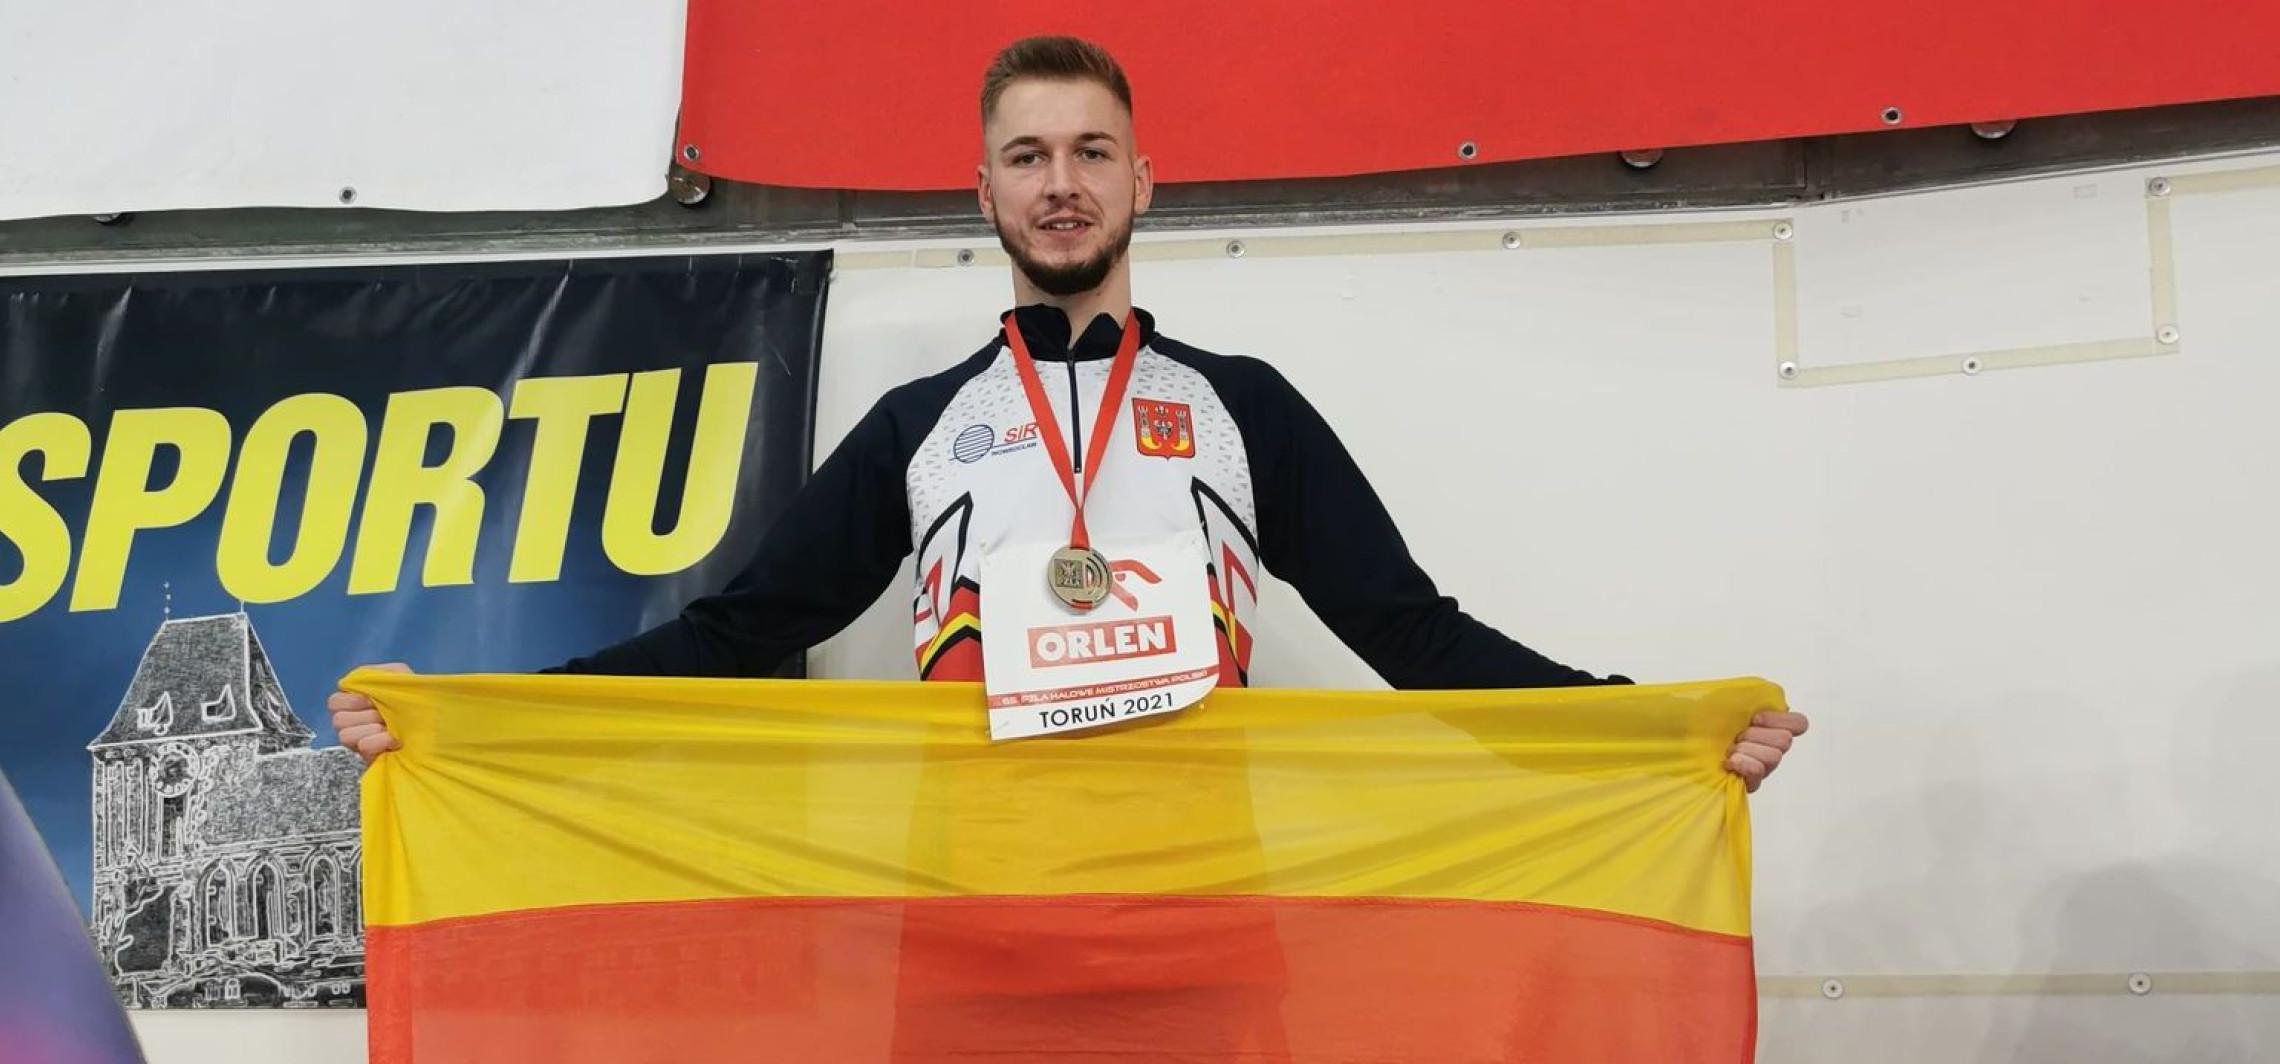 Inowrocław - Mistrzostwa Europy w Toruniu bez Norberta Kobielskiego